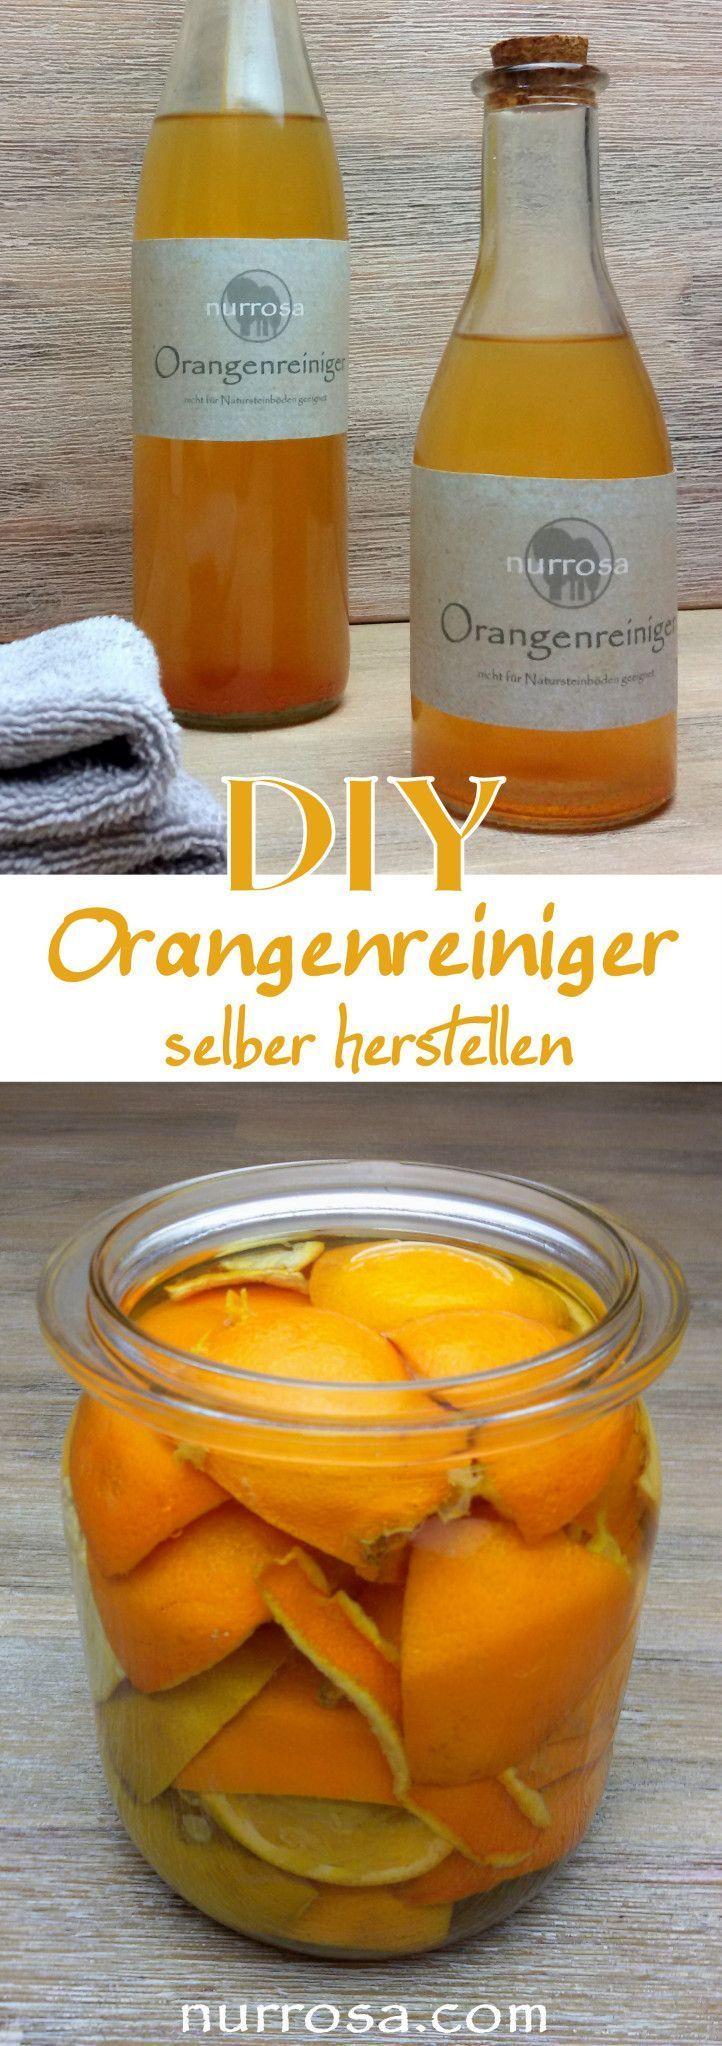 Orangenreiniger ganz einfach selber herstellen Ich weiß nicht wie viele Plastik…